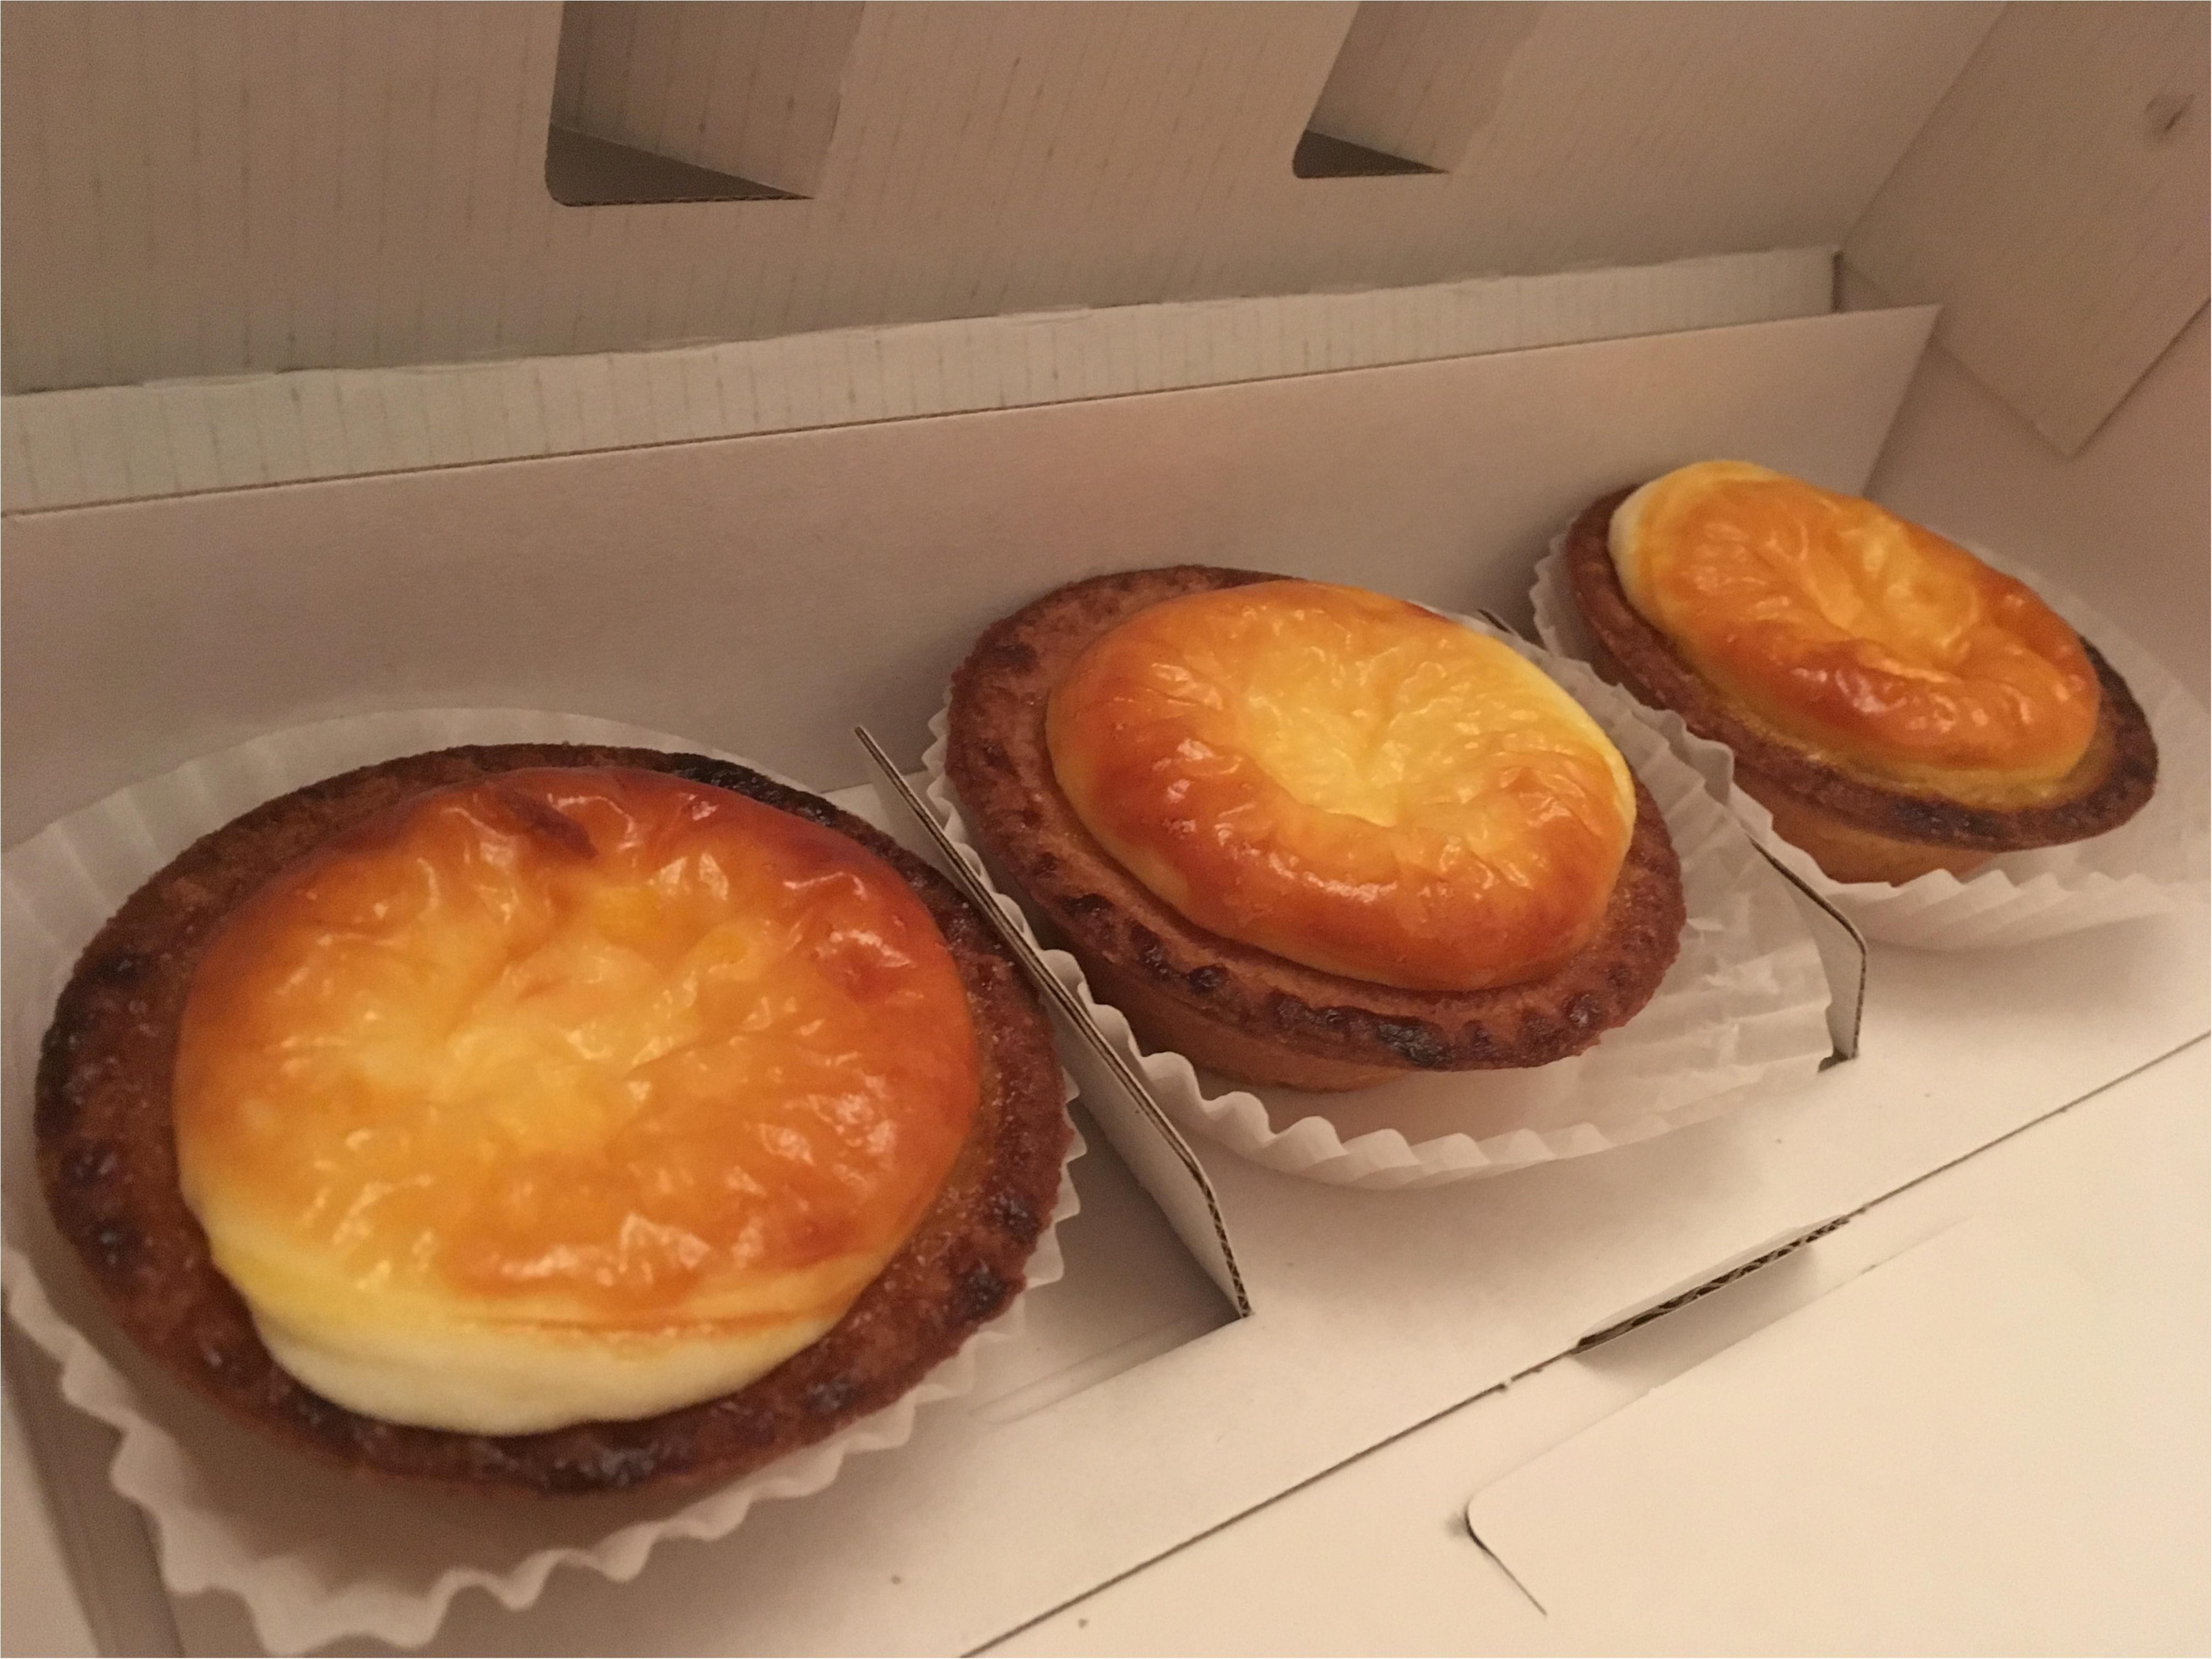 コレ買って!!もらって嬉しい❤食べて美味しい❤喜ばれること間違いなし♪北海道のお土産3選☺︎_4